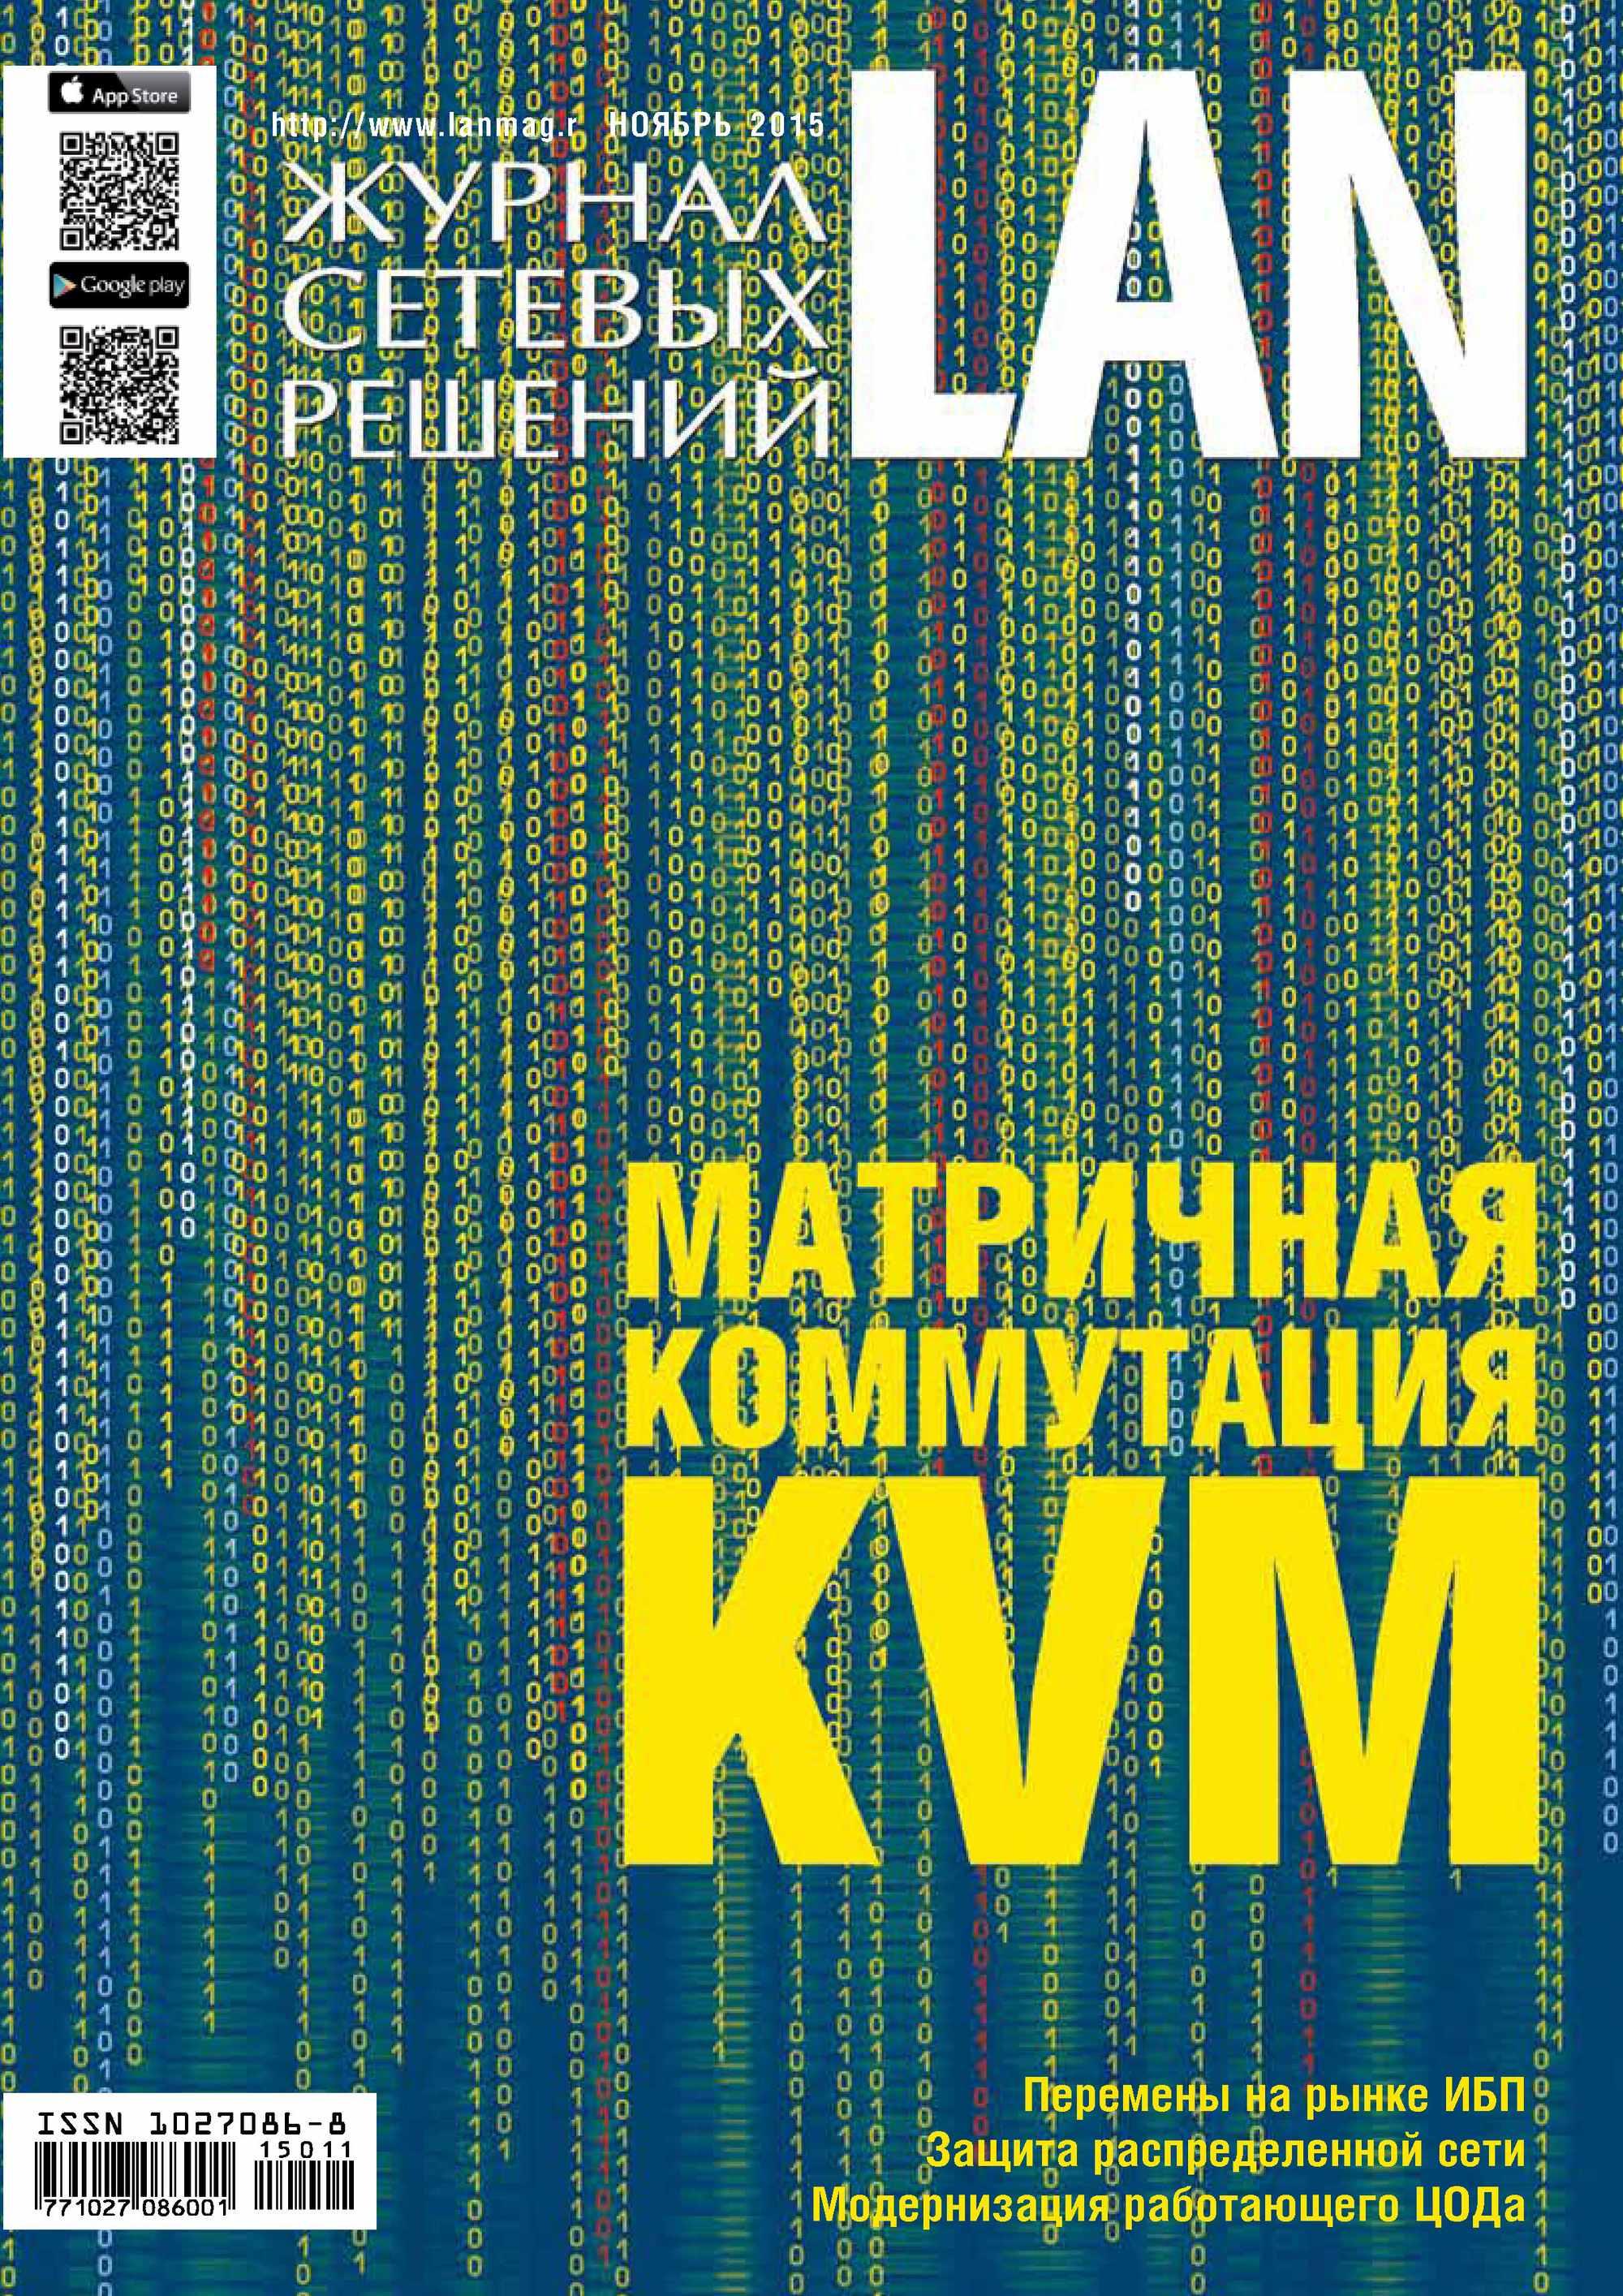 Открытые системы Журнал сетевых решений / LAN №11/2015 открытые системы журнал сетевых решений lan 10 2015